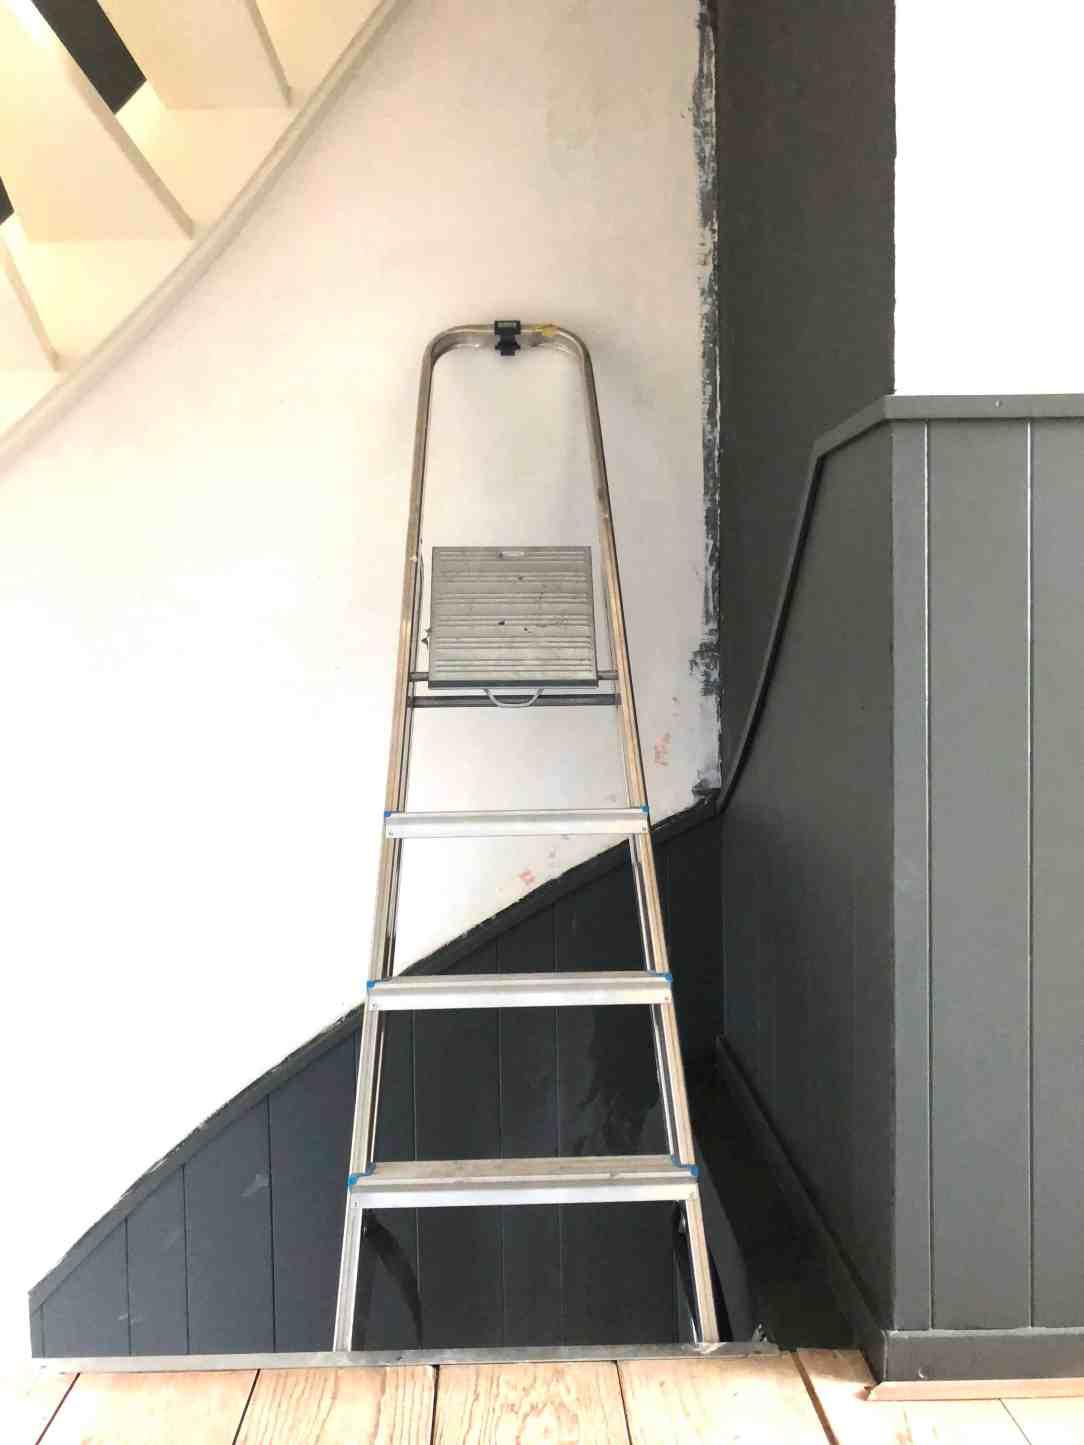 grootste fout inrichten huis-trap